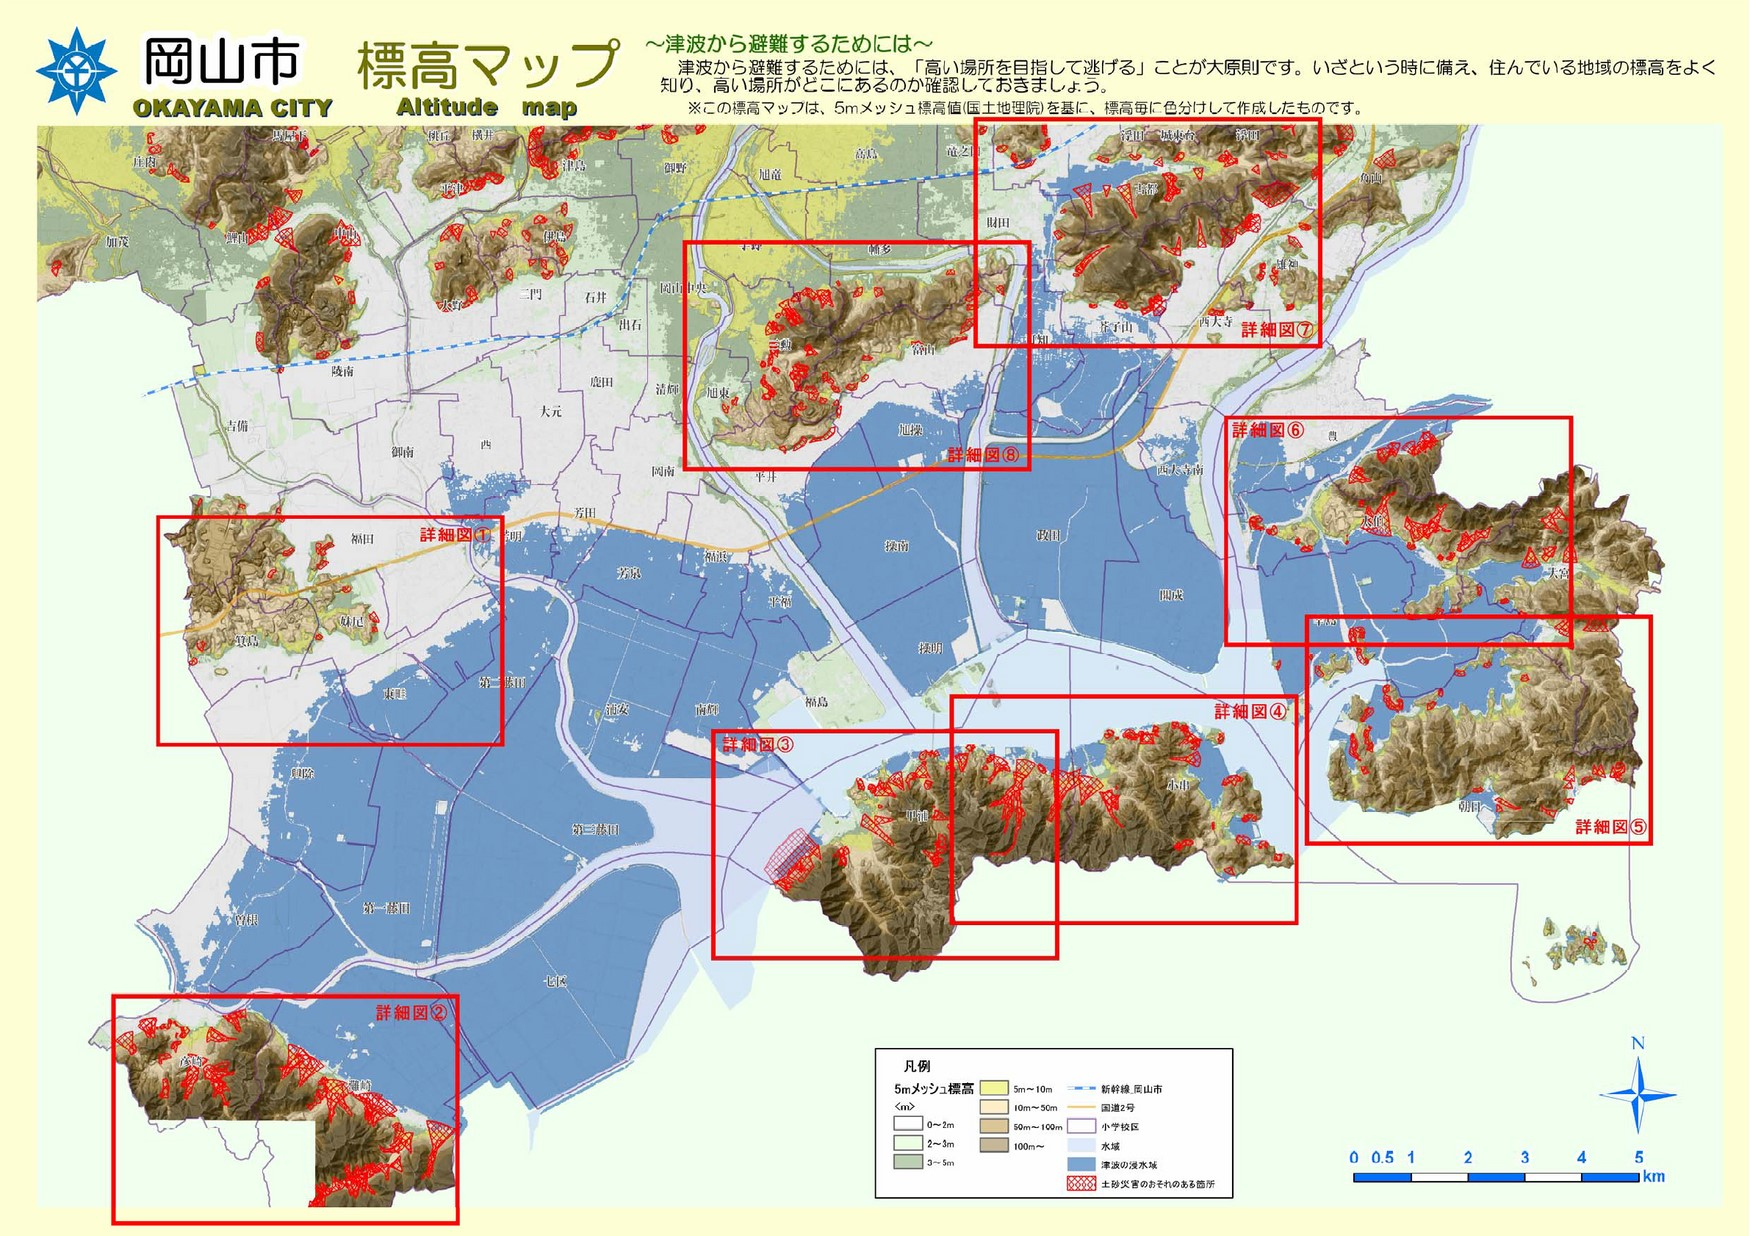 岡山市標高マップ | オカヤマイ...